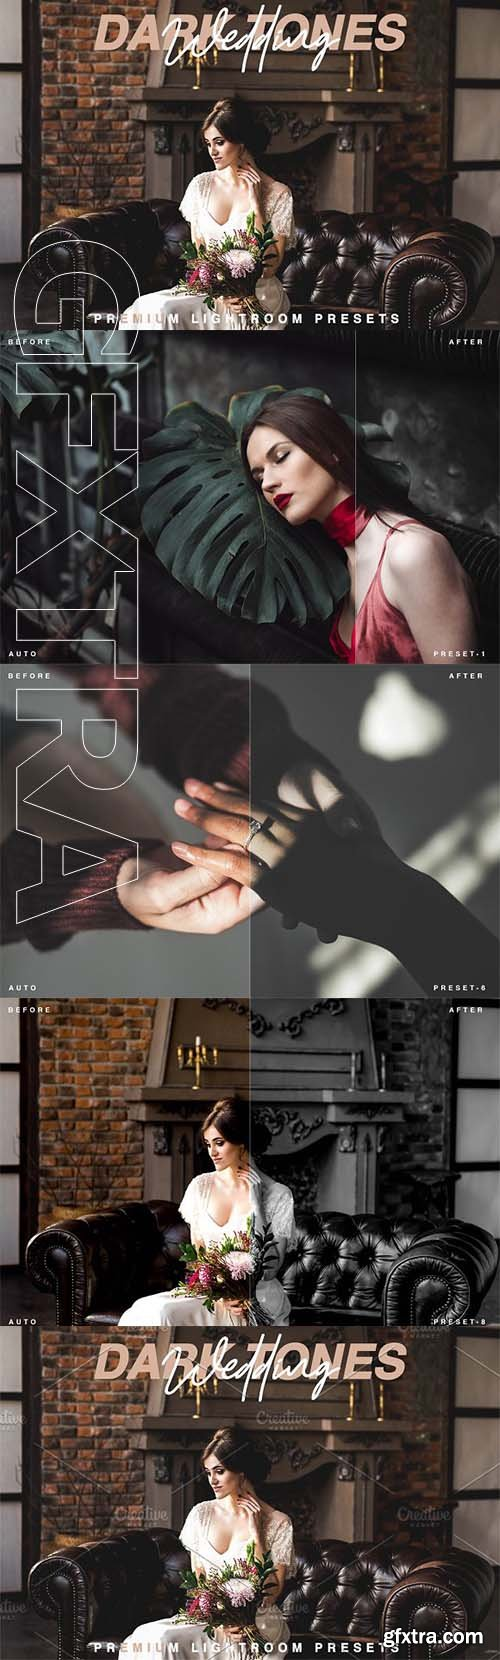 CreativeMarket - Dark Tones Wedding Lr Presets 2534862..